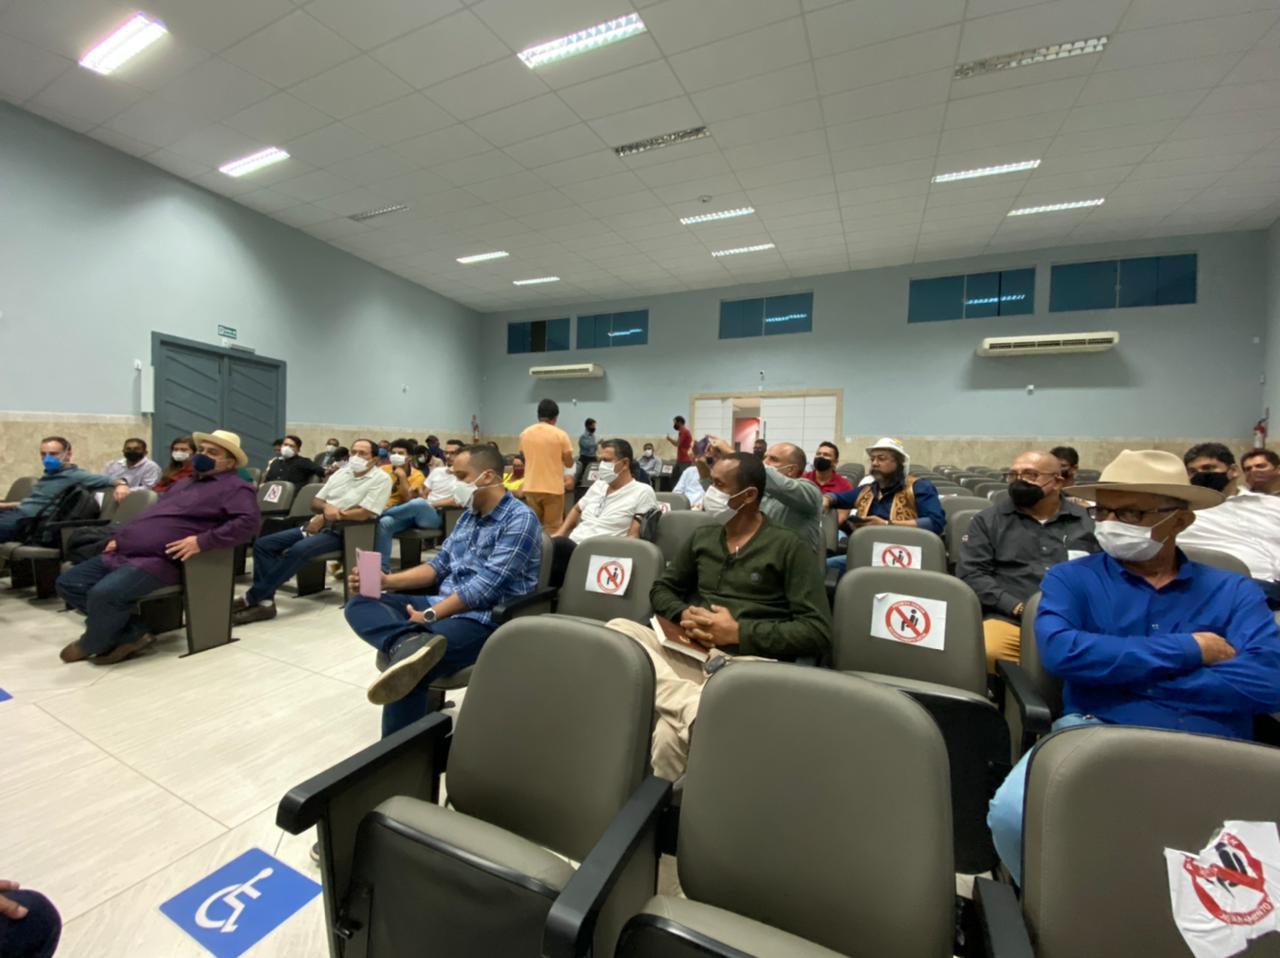 Ovinocaprinocultura: Demanda árabe renova esperança de produtores nordestinos